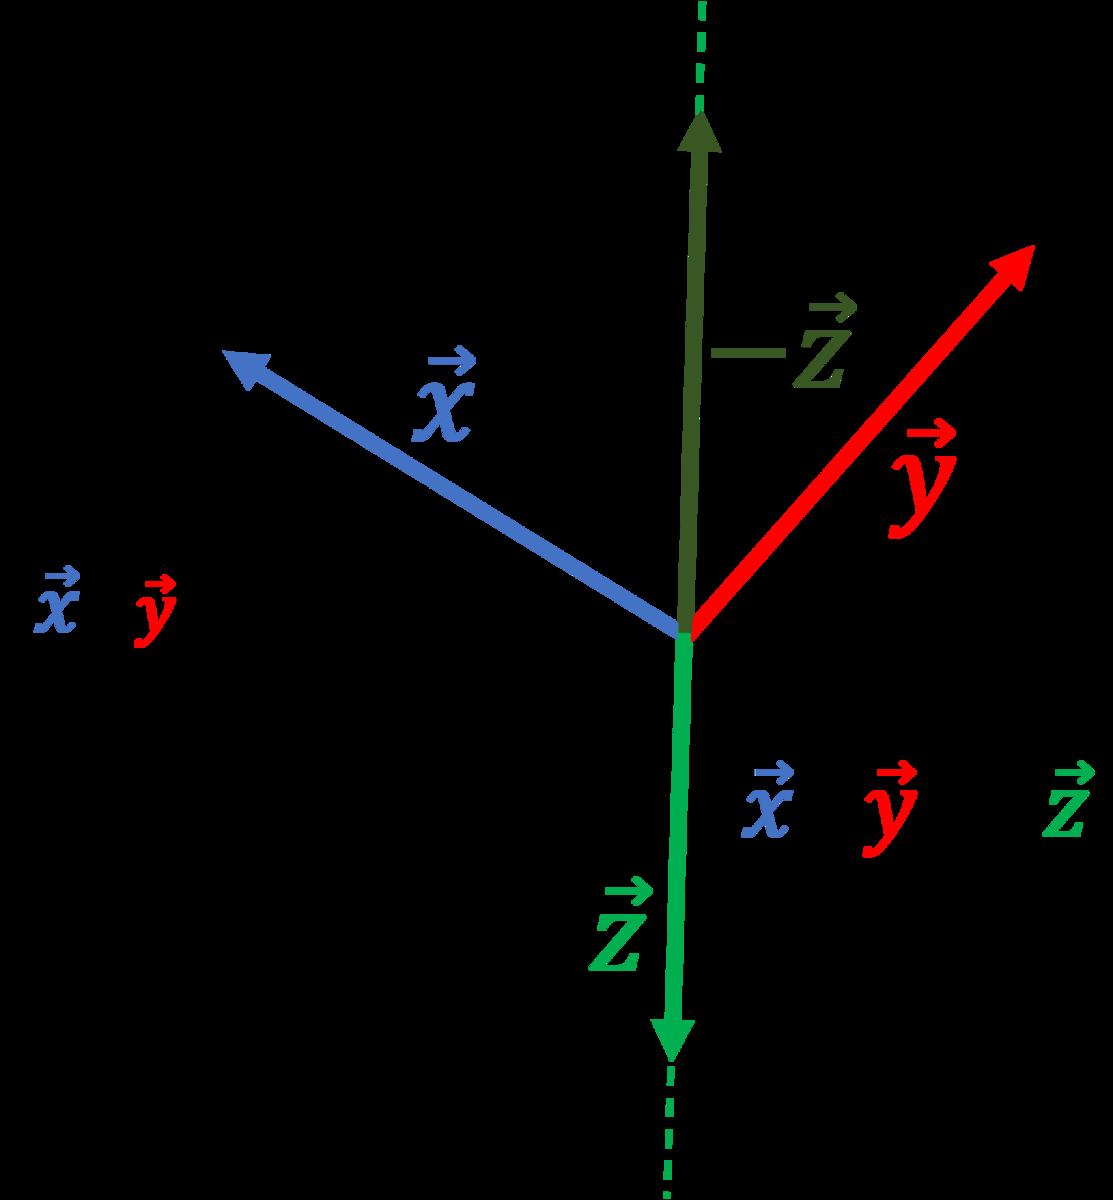 二つのベクトルに直交するベクトル